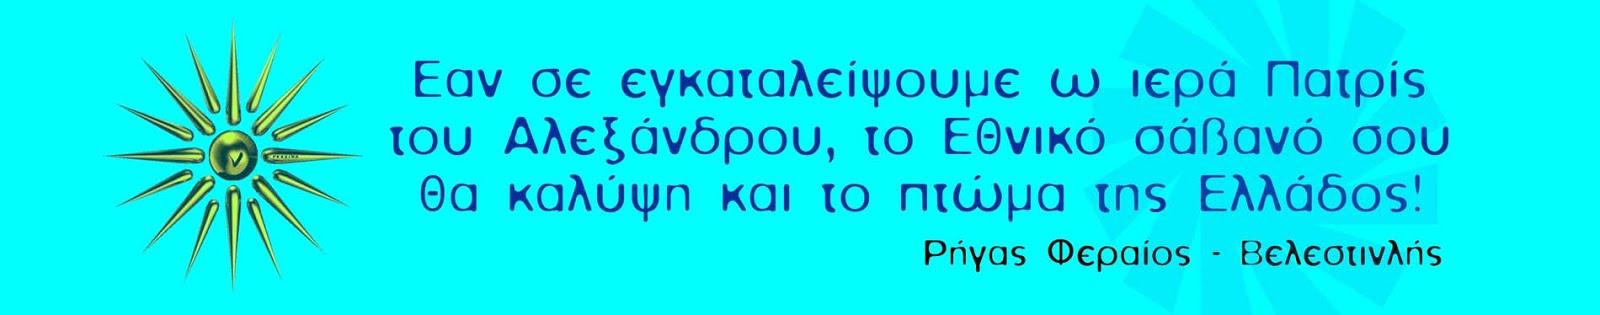 ΕΦΗΜΕΡΙΔΑ «ΣΤΟΧΟΣ» - Η ΦΩΝΗ ΤΩΝ ΕΛΛΗΝΟΨΥΧΩΝ